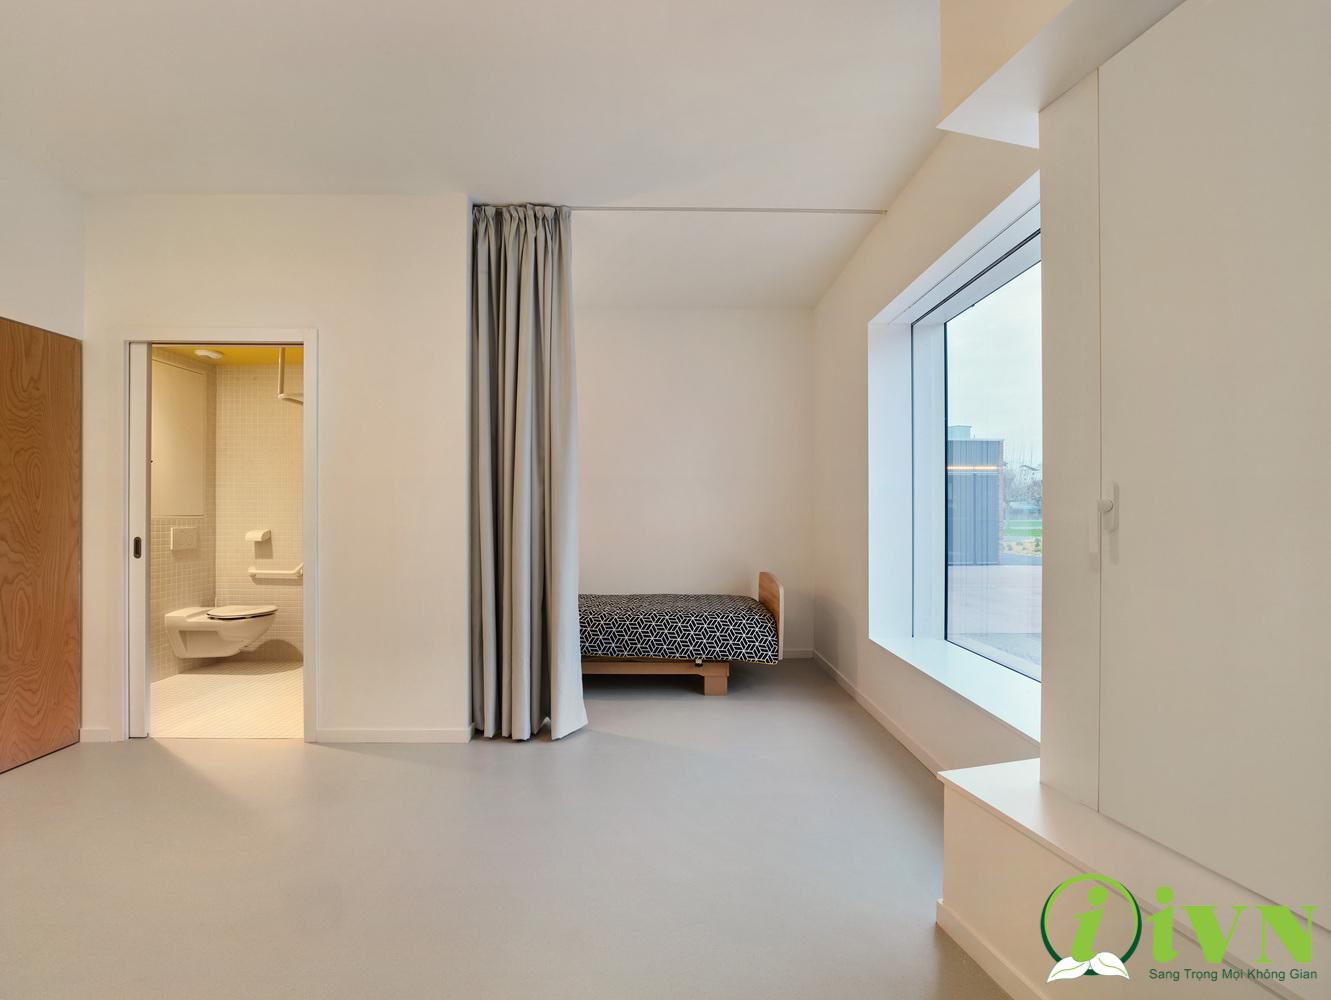 thiết kế phòng tắm cho người già (5)